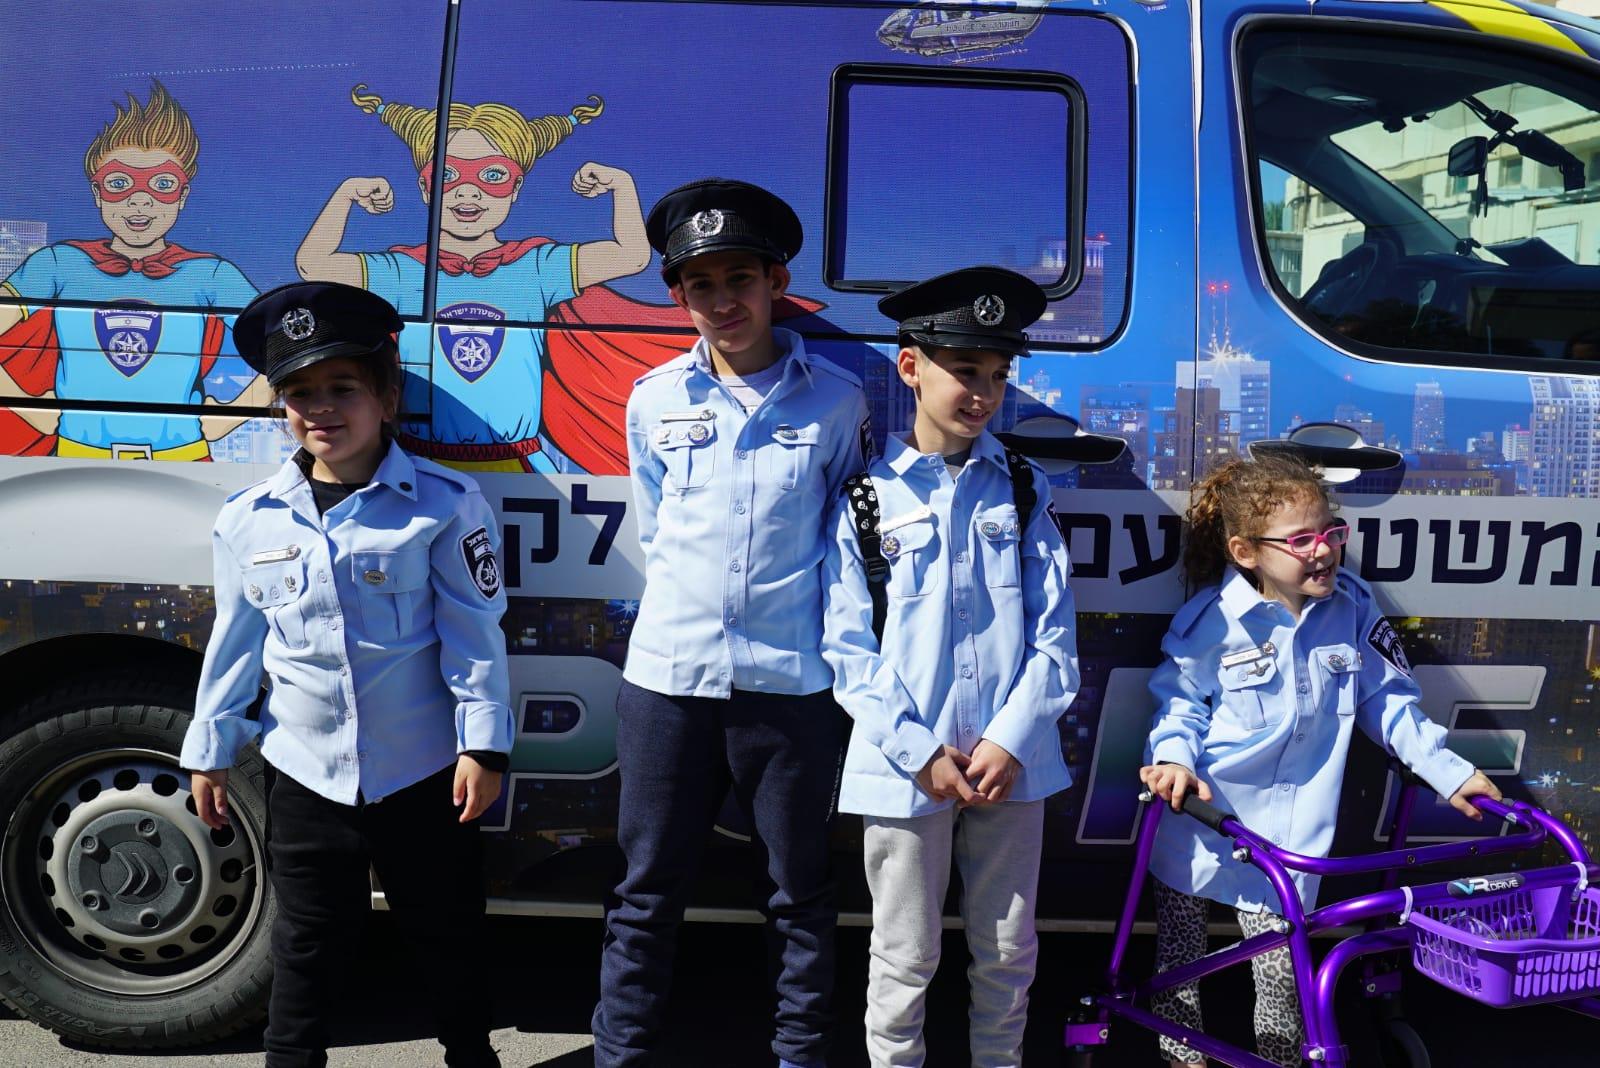 ניידת המשאלות של משטרת ישראל גייסה 4 ילדים להיות שוטרים אילתים ליום אחד